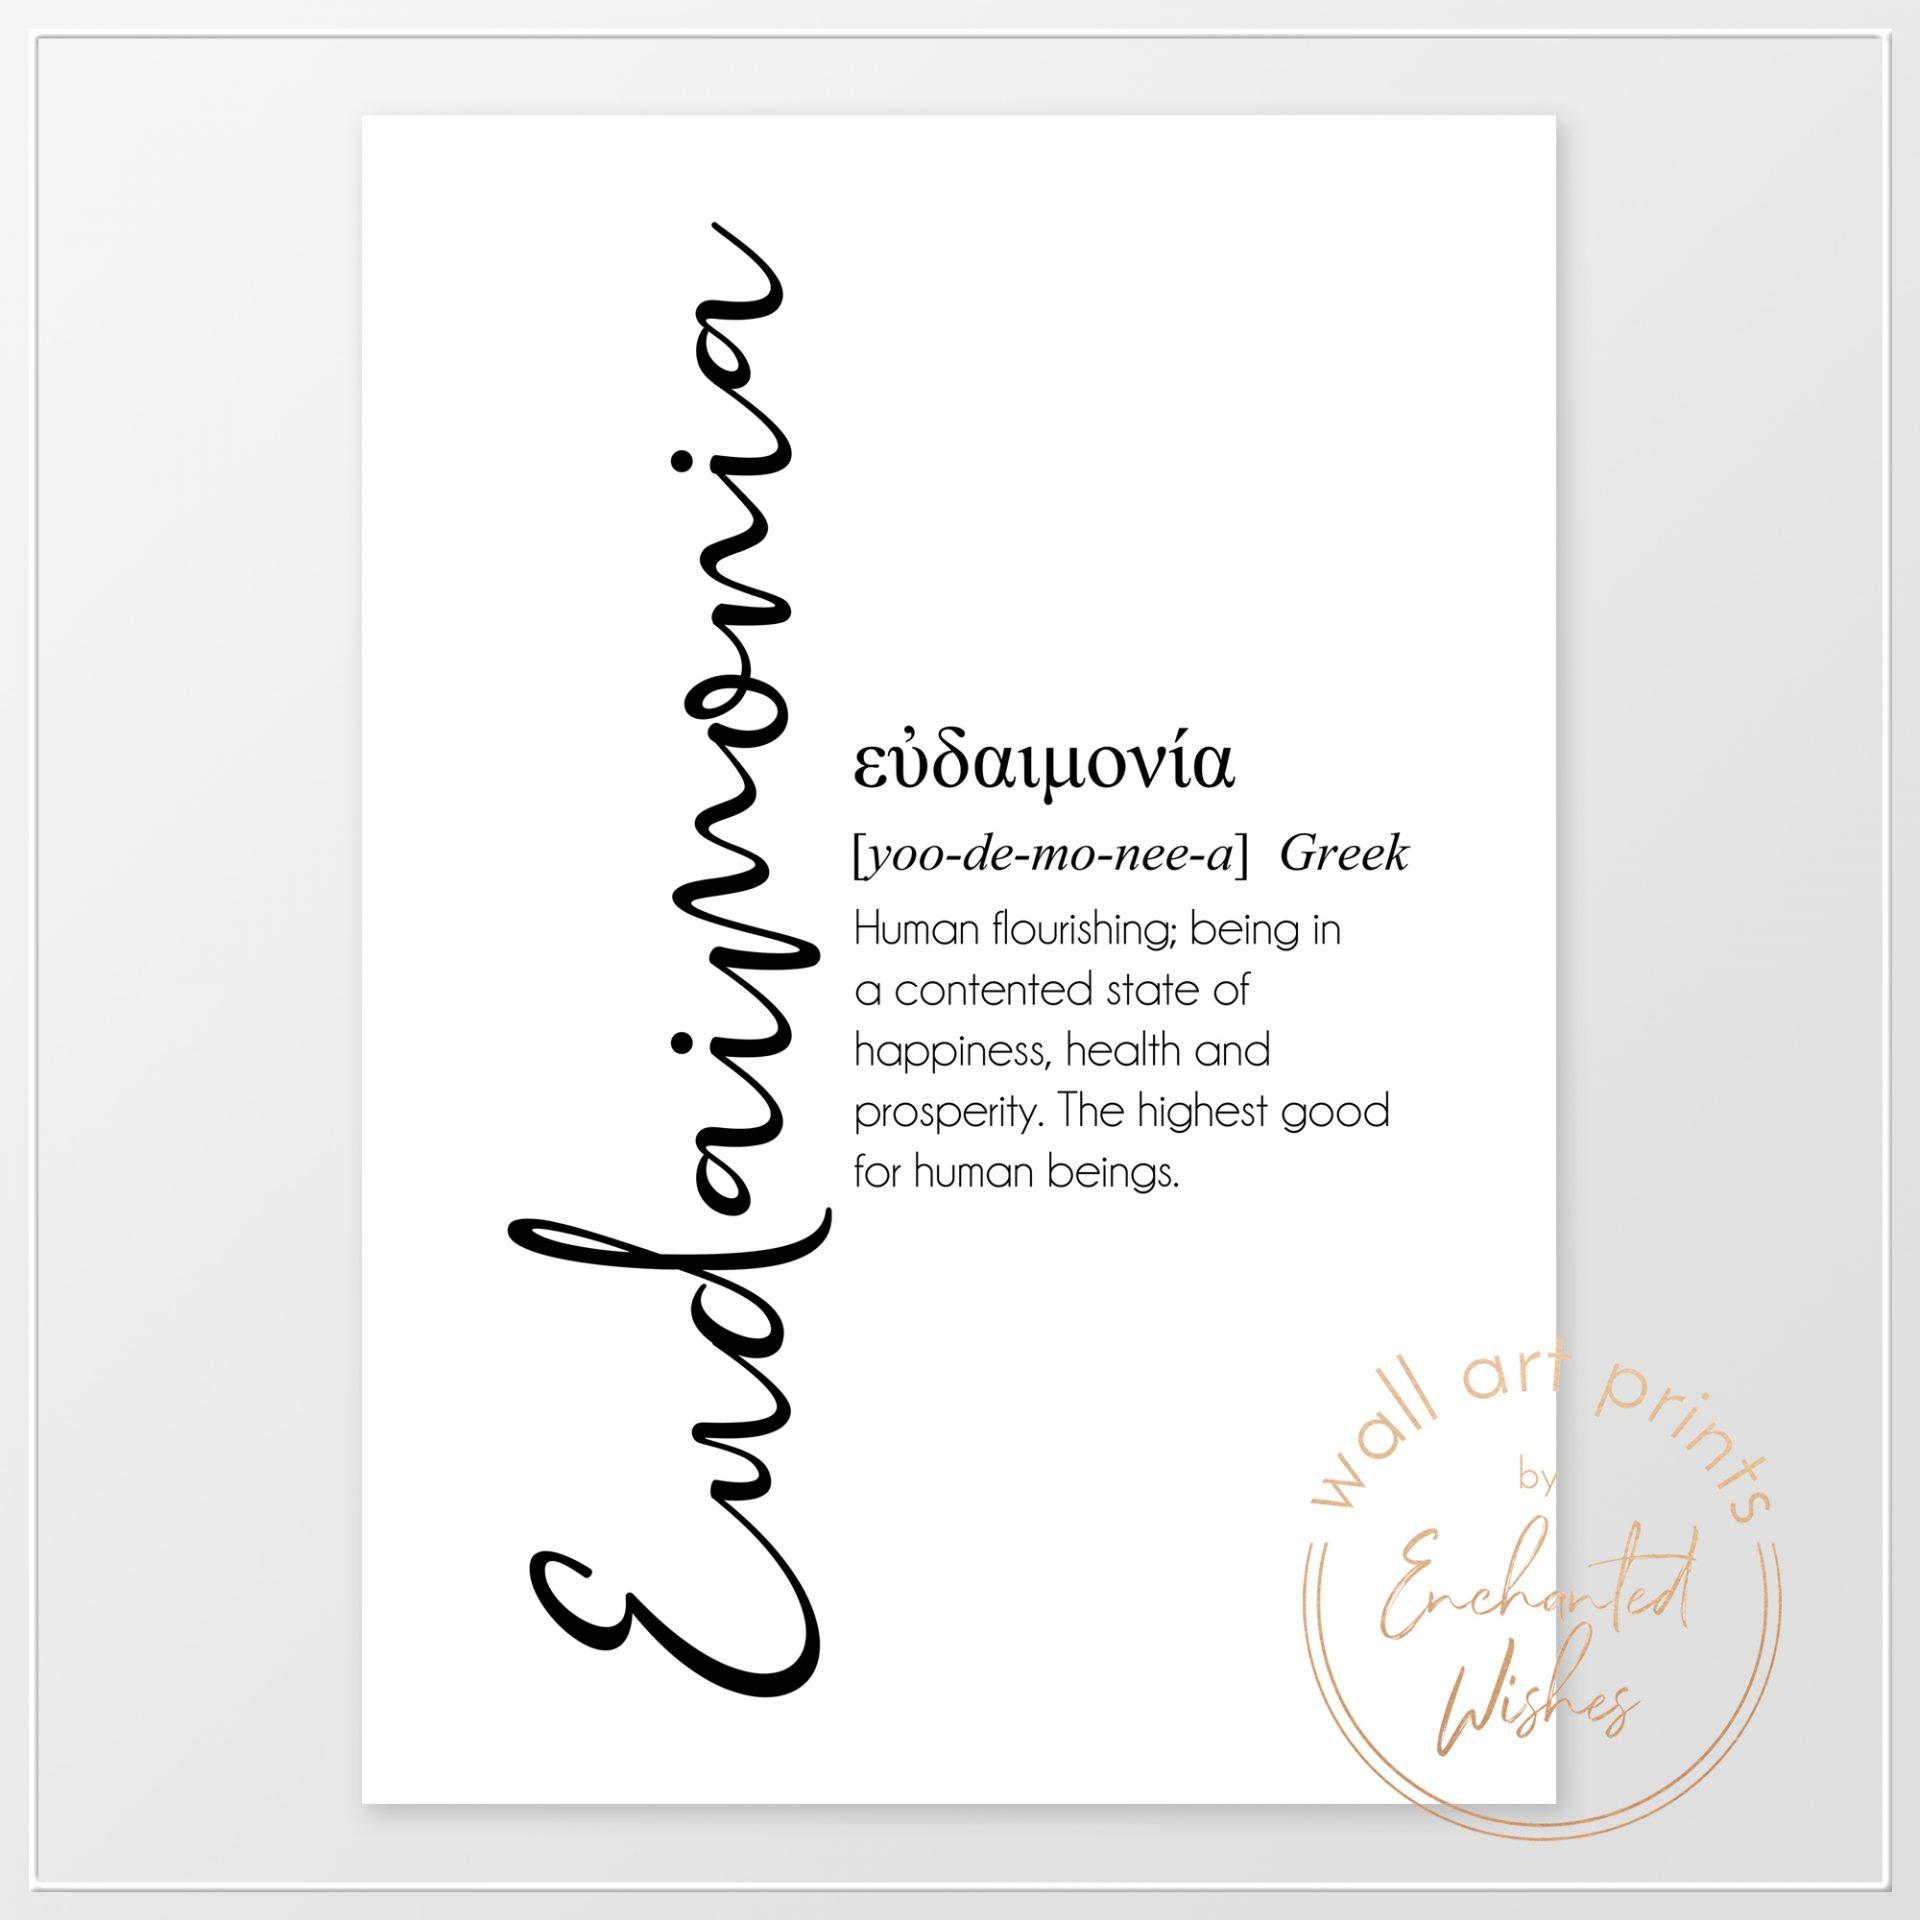 Eudaimonia definition print